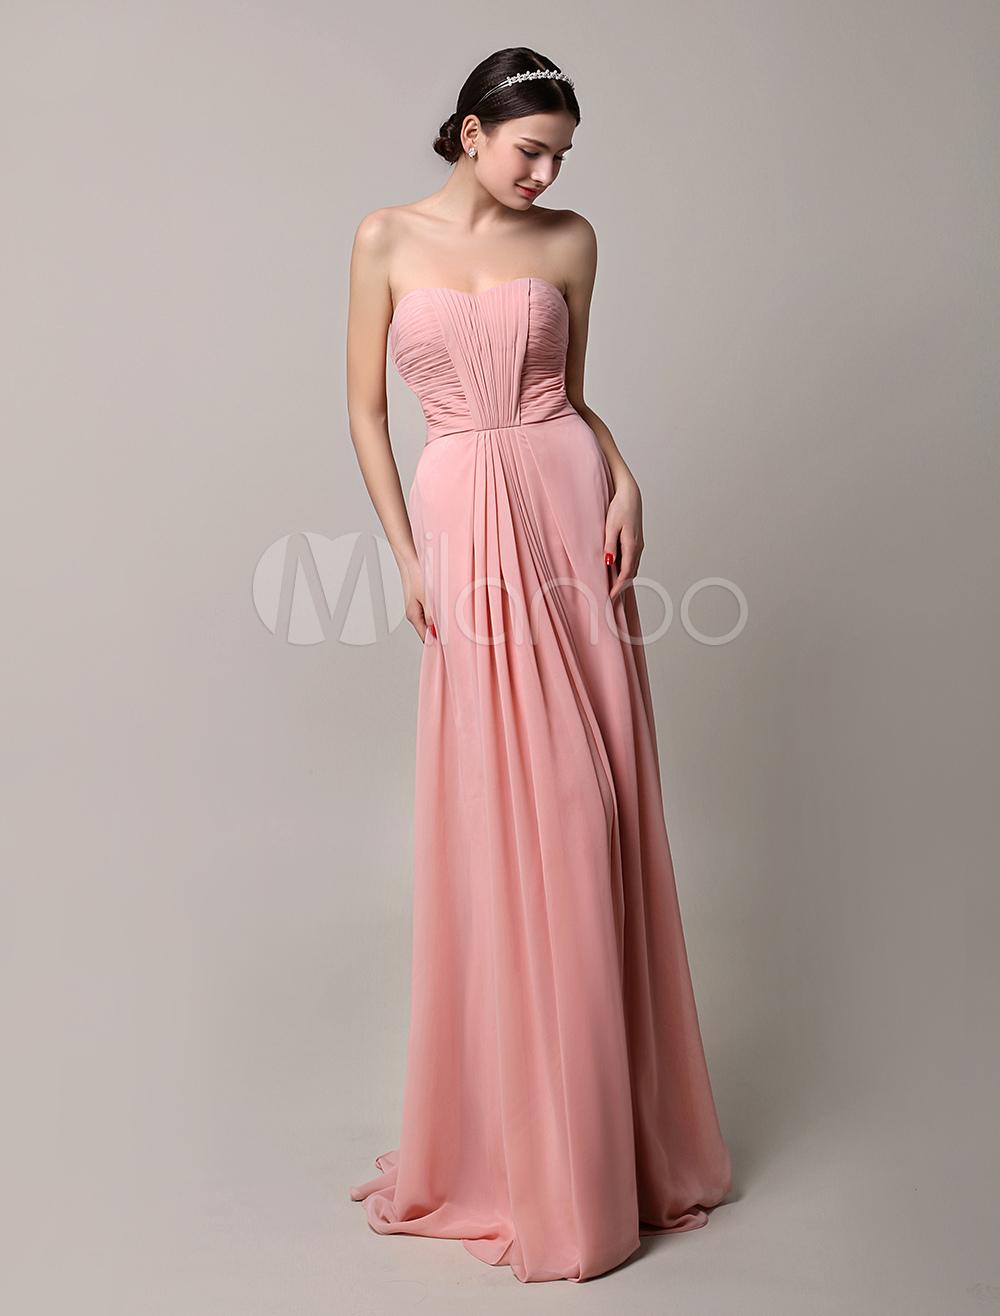 finest selection 7446e 8e3da 2019 lungo rosa Chiffon plissettato abito damigella d'onore senza spalline  con schiena aperta